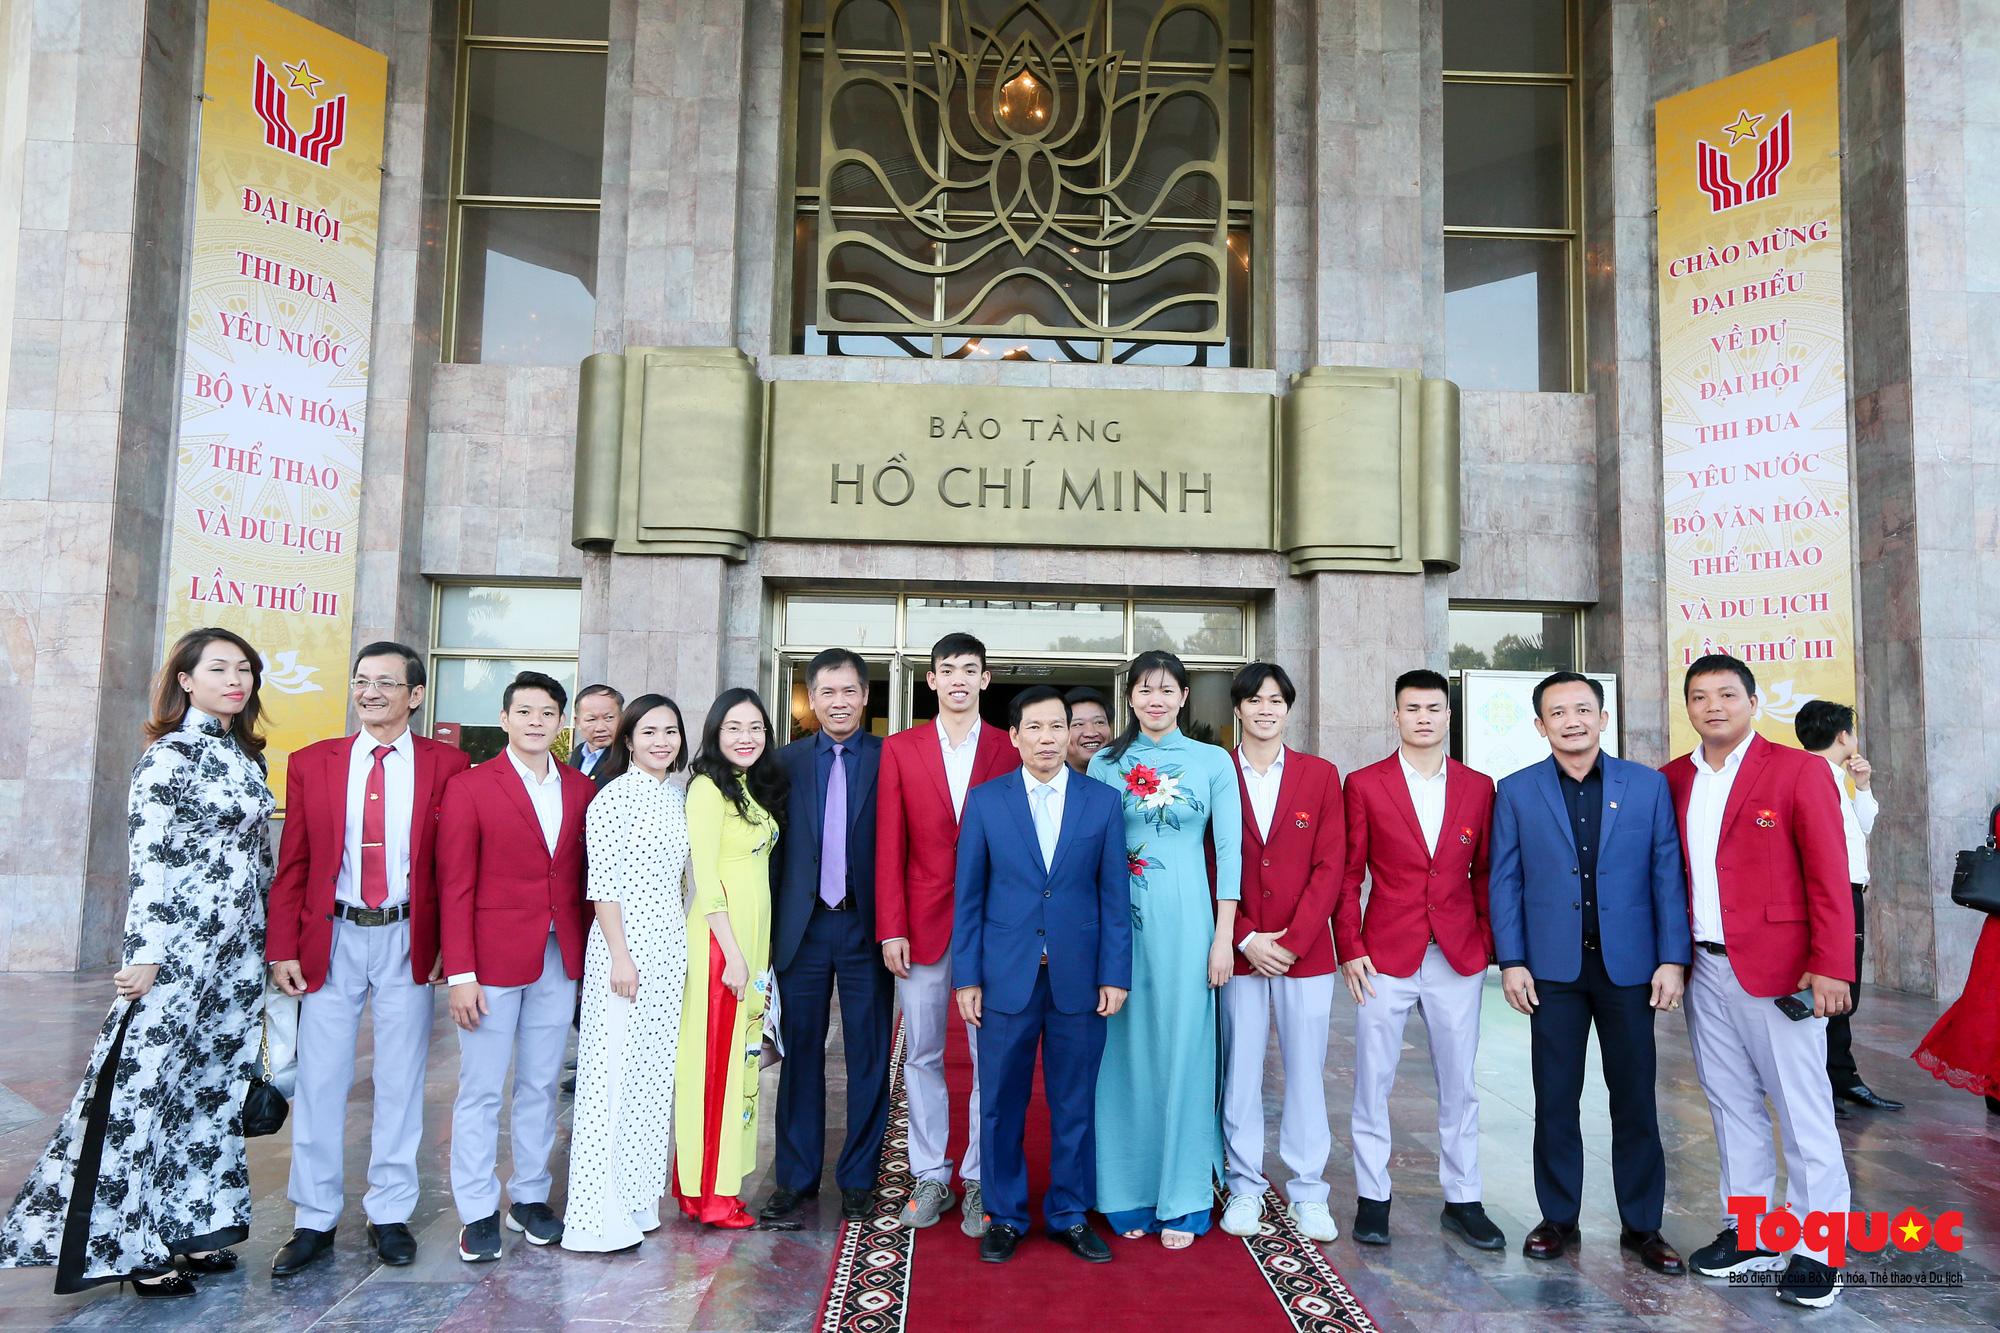 Bộ trưởng Nguyễn Ngọc Thiện chụp ảnh lưu niệm với các đại biểu dự Đại hội.